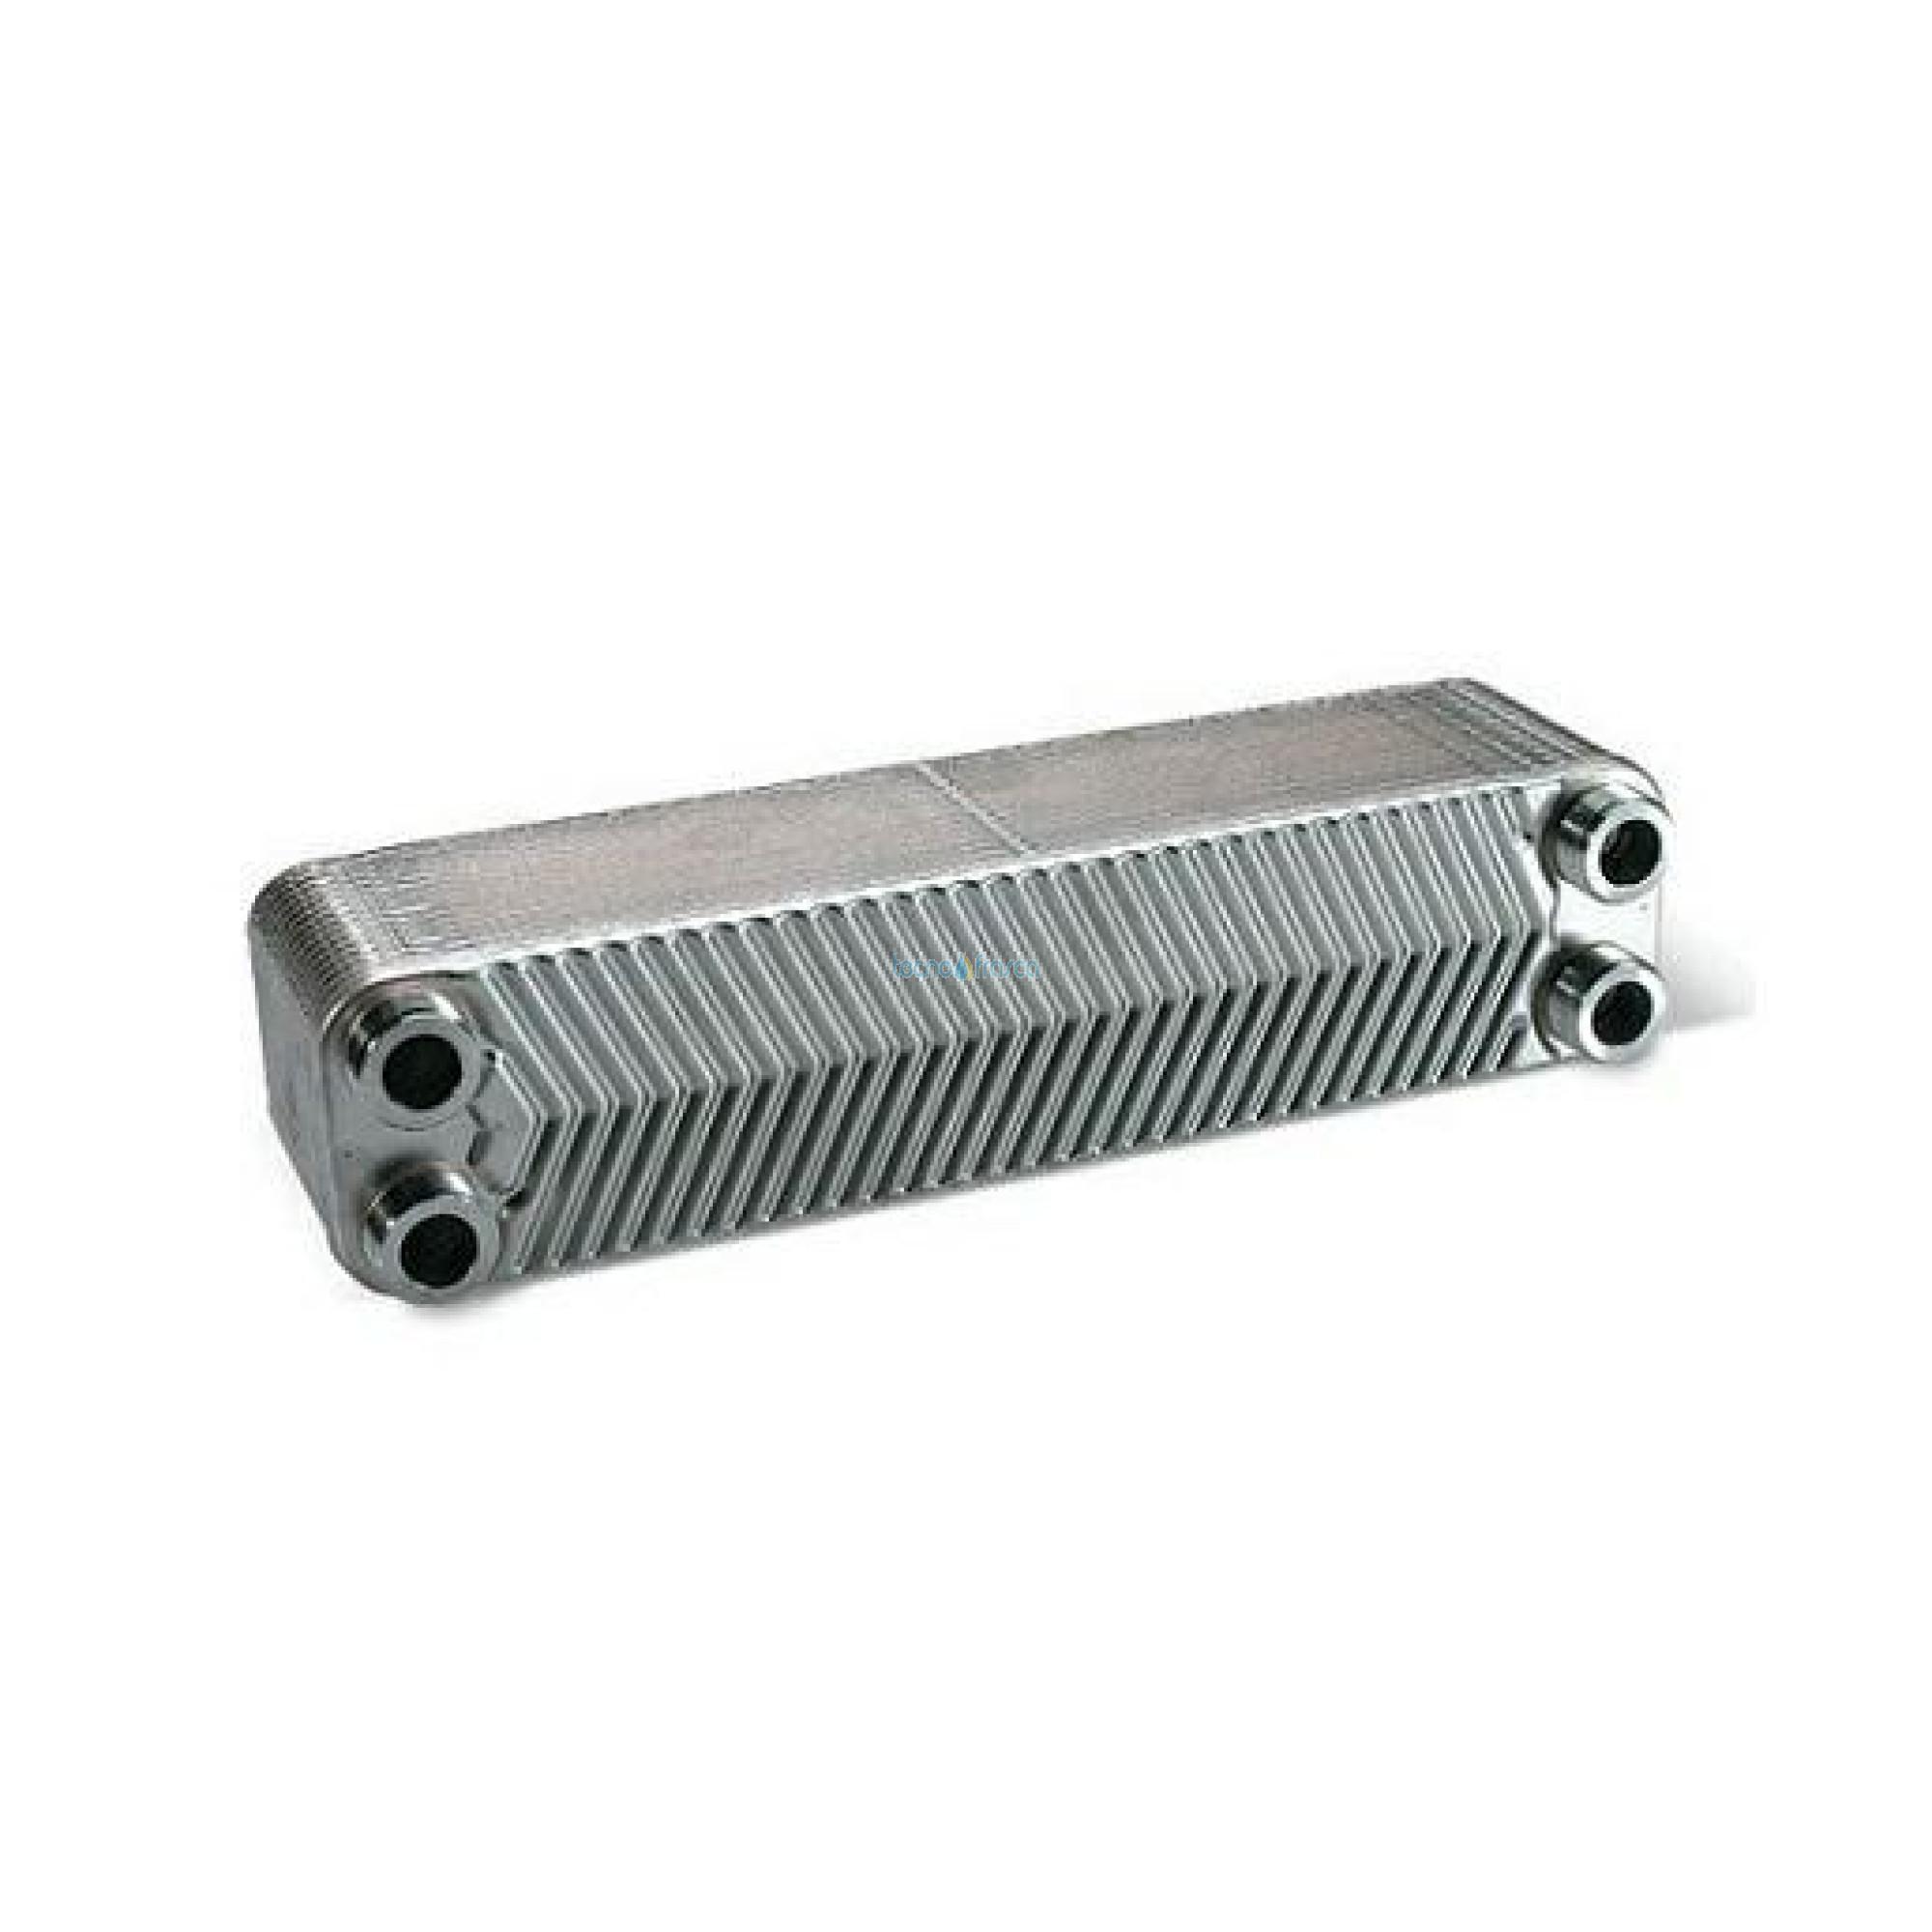 Scambiatore 3/4 30 piastre flusso incrociato termocamino 65kw